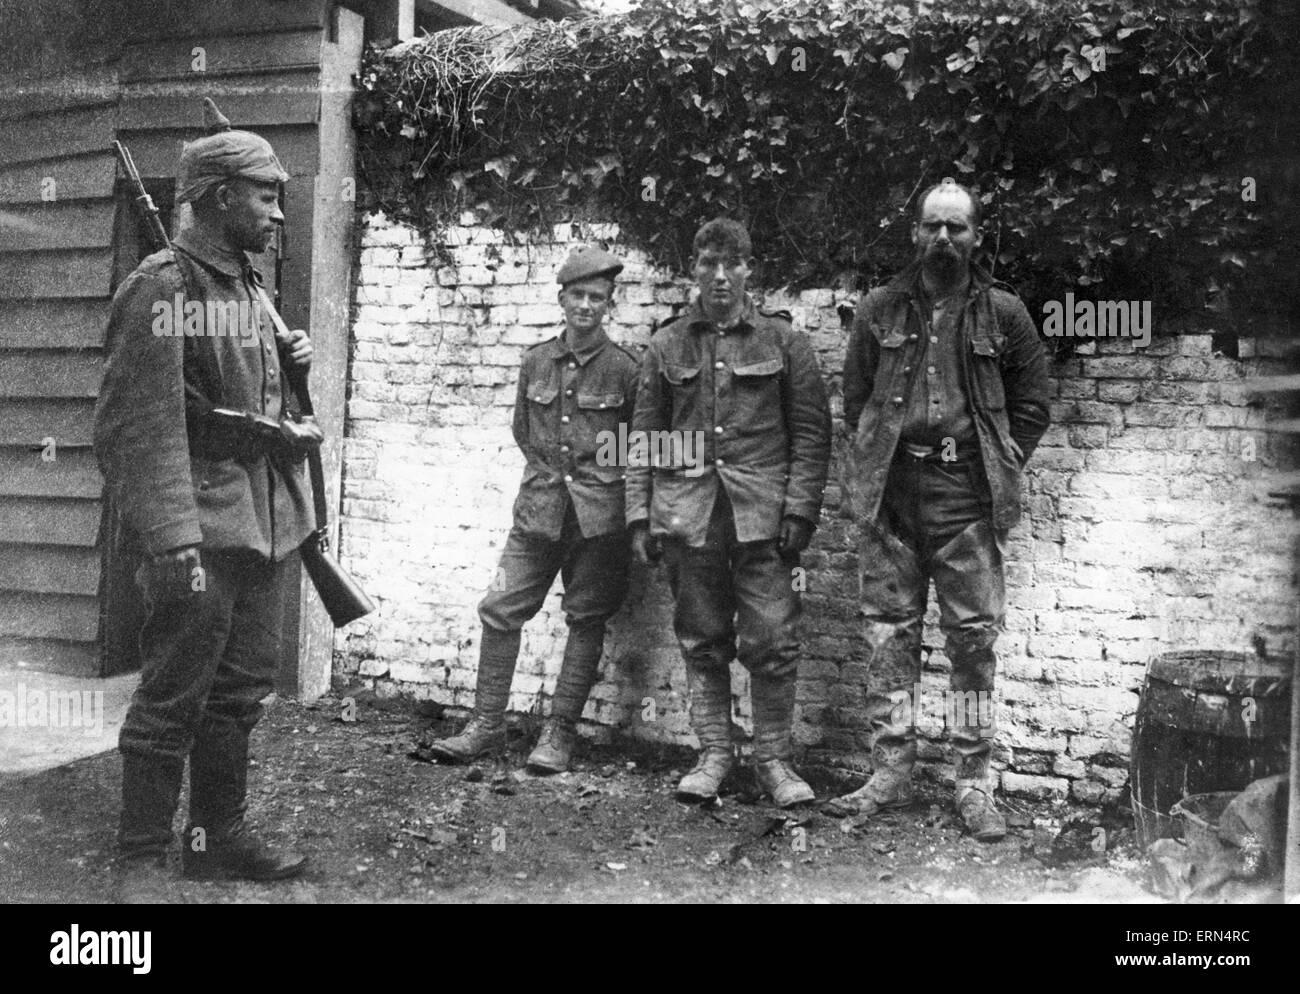 Ein deutscher Soldat bewacht drei kürzlich Gefangenen britischen Soldaten April 1917 Stockbild